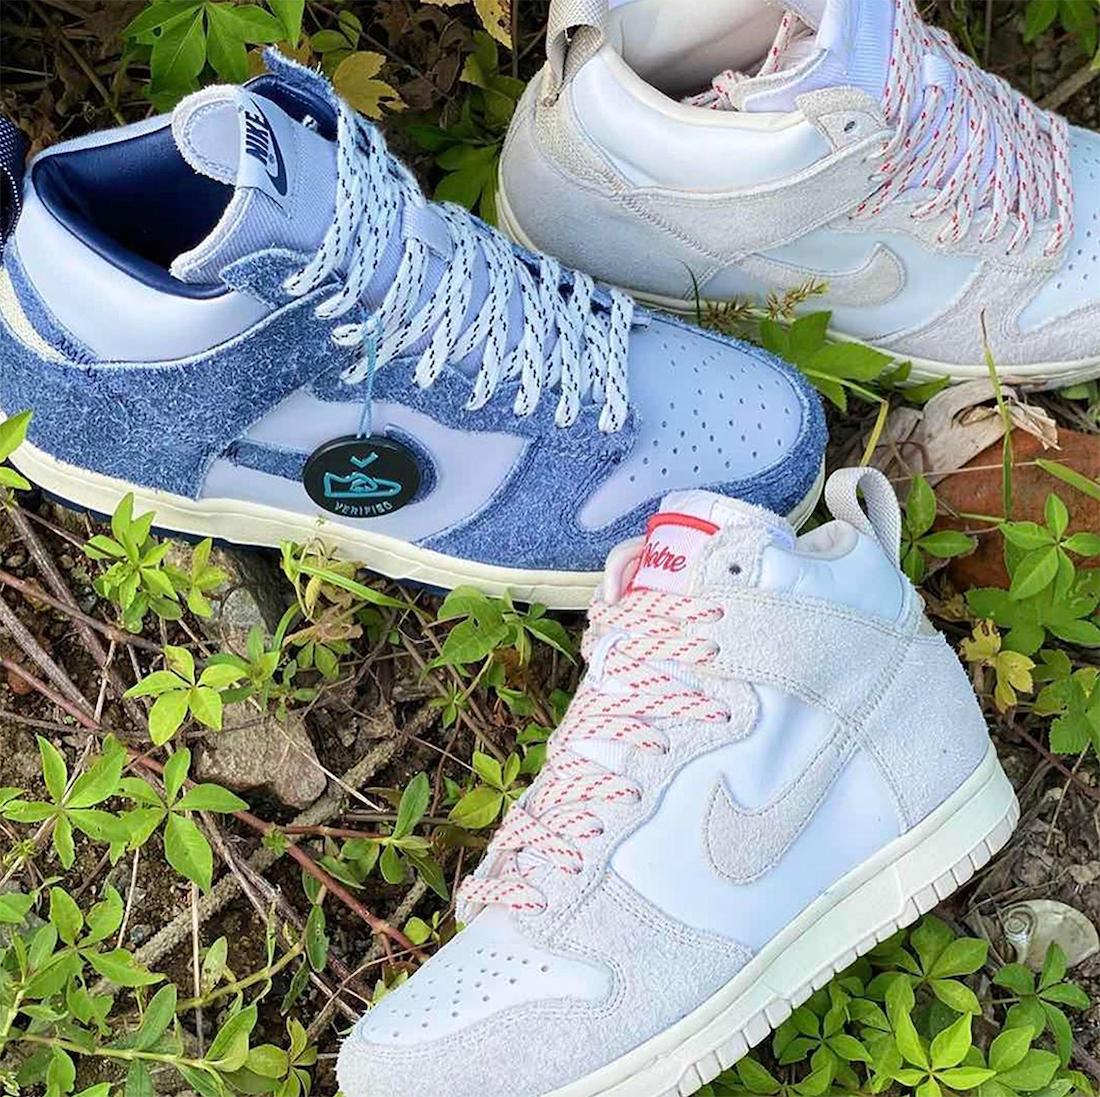 ノートル ナイキ ダンク ハイ Notre Nike Dunk High 2 colors blue light brown image